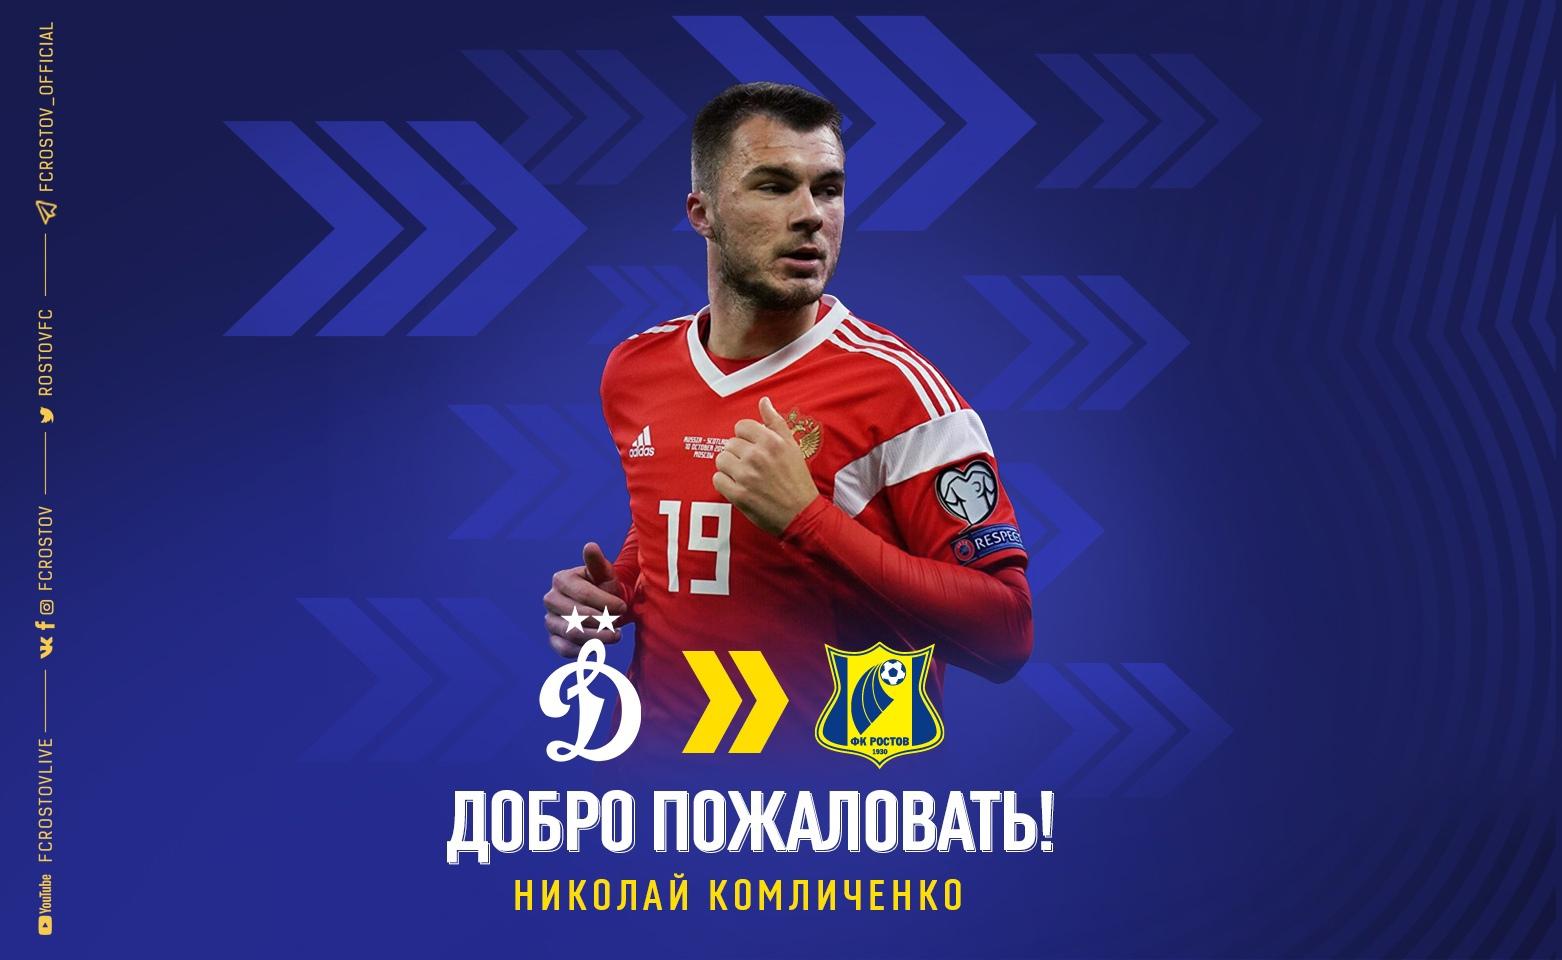 Николай Комличенко перешел в «Ростов»